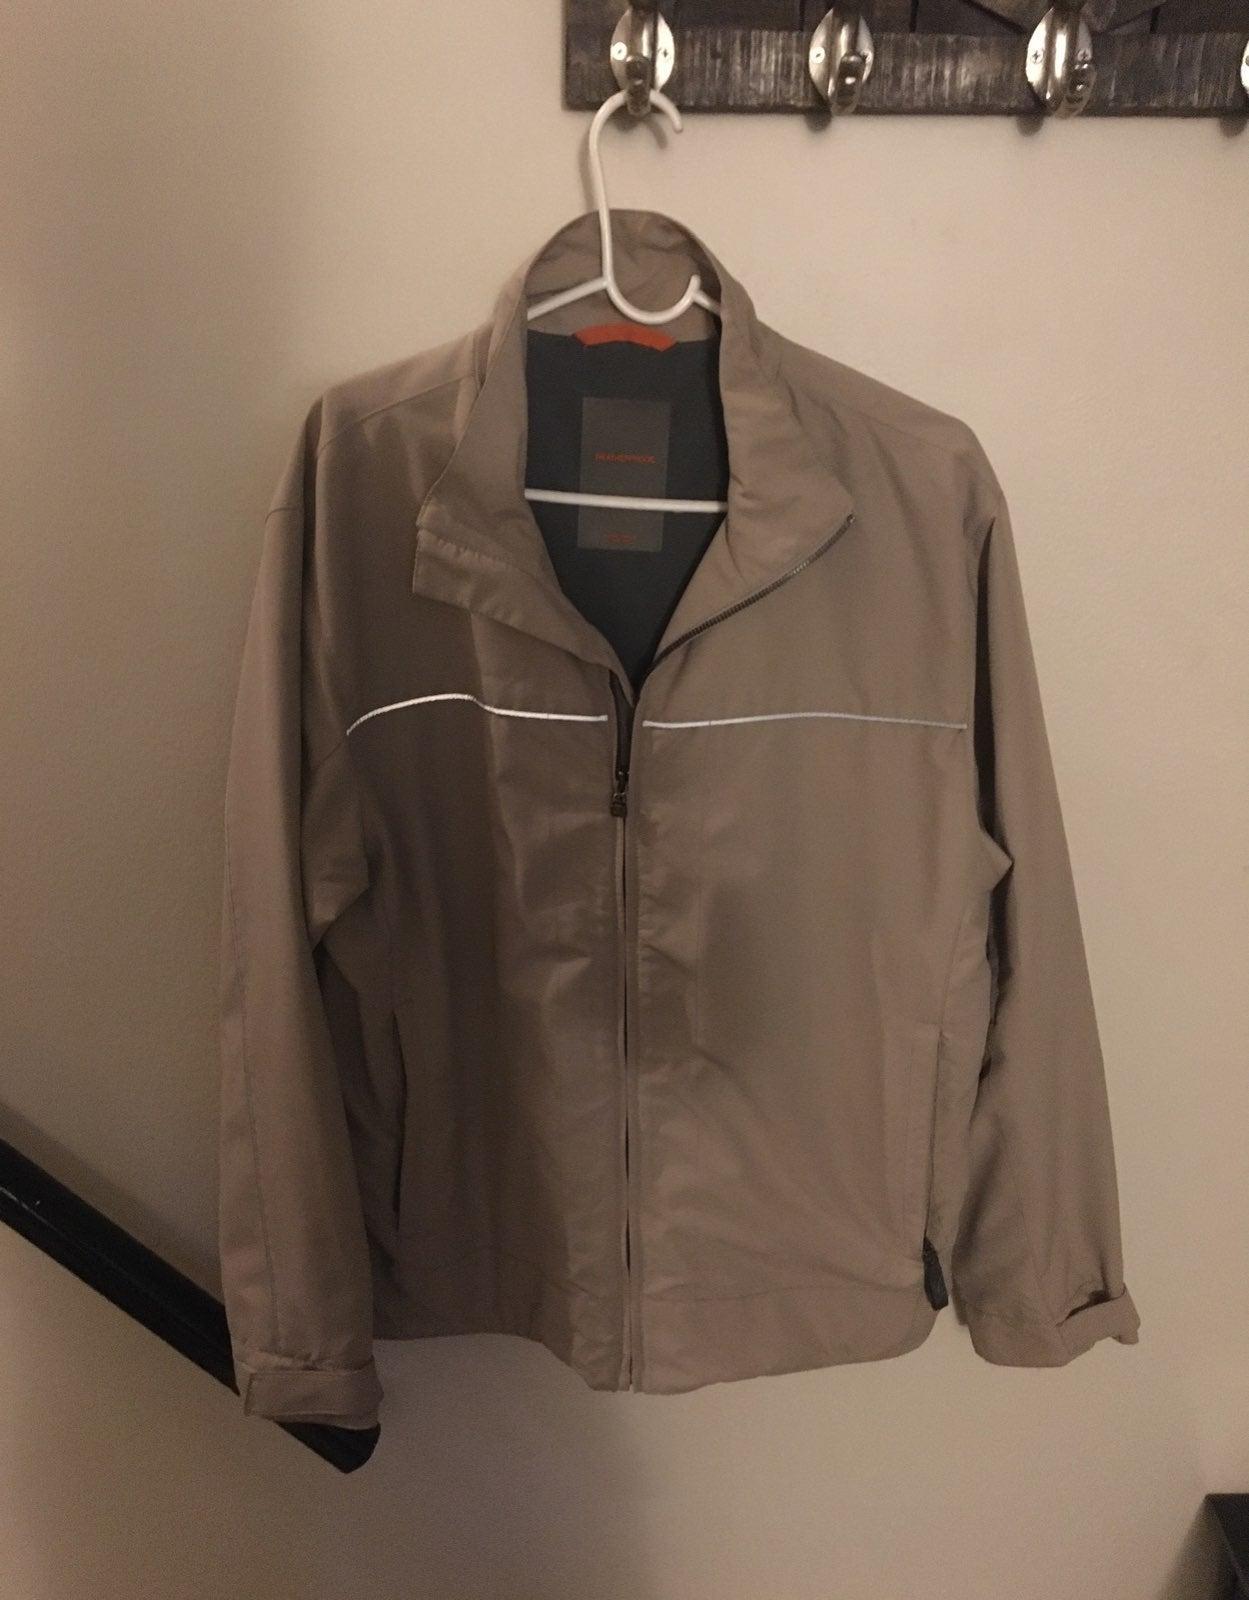 Men's Weatherproof Jacket